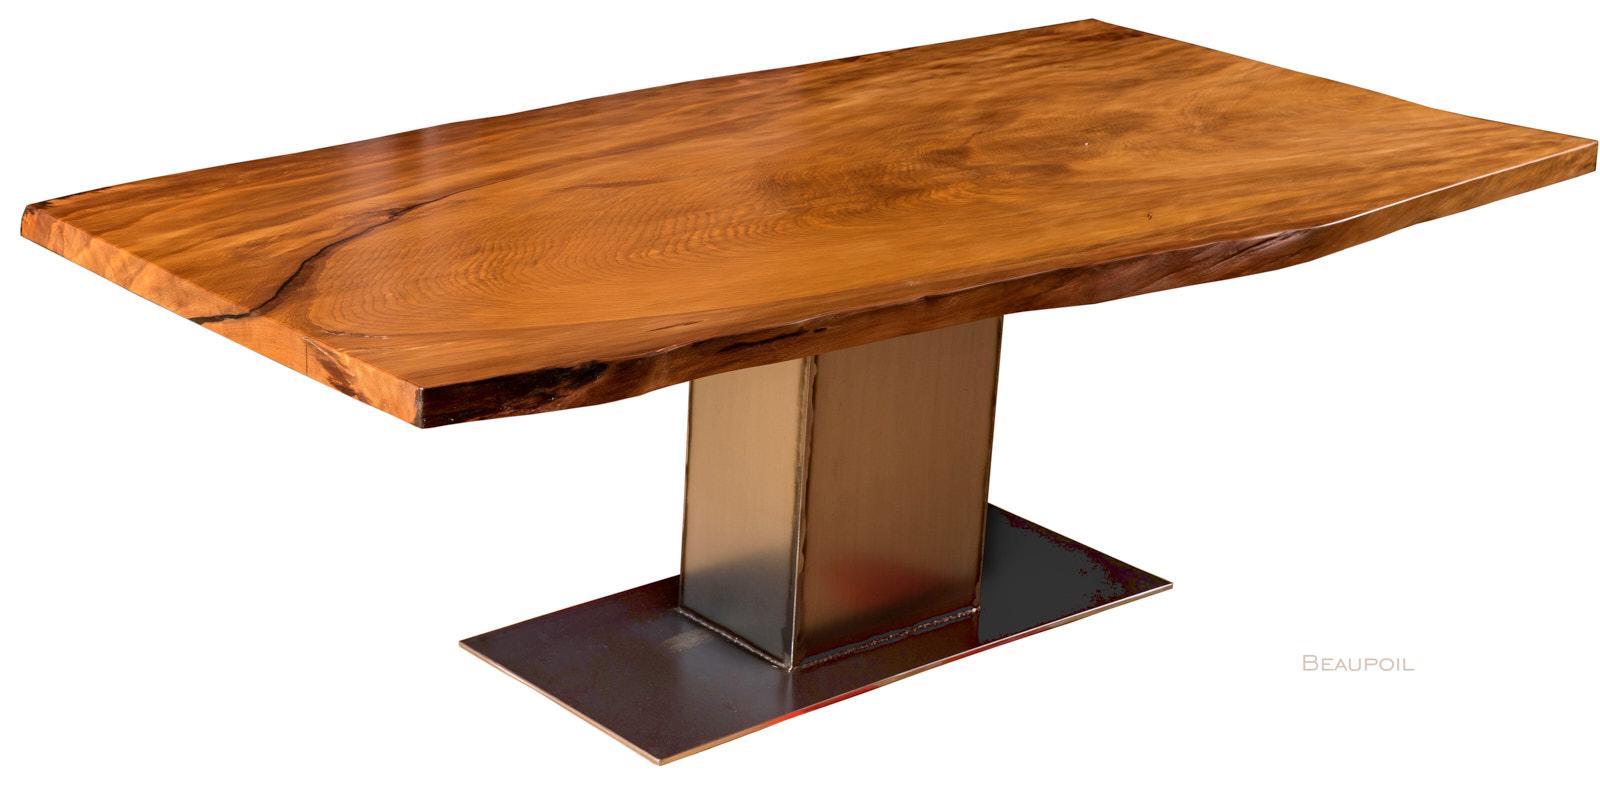 Kauri Massivholztisch aus dem Baumstamm mit speziellem Stahl Fußgestell als wertsteigernde Geldanlage